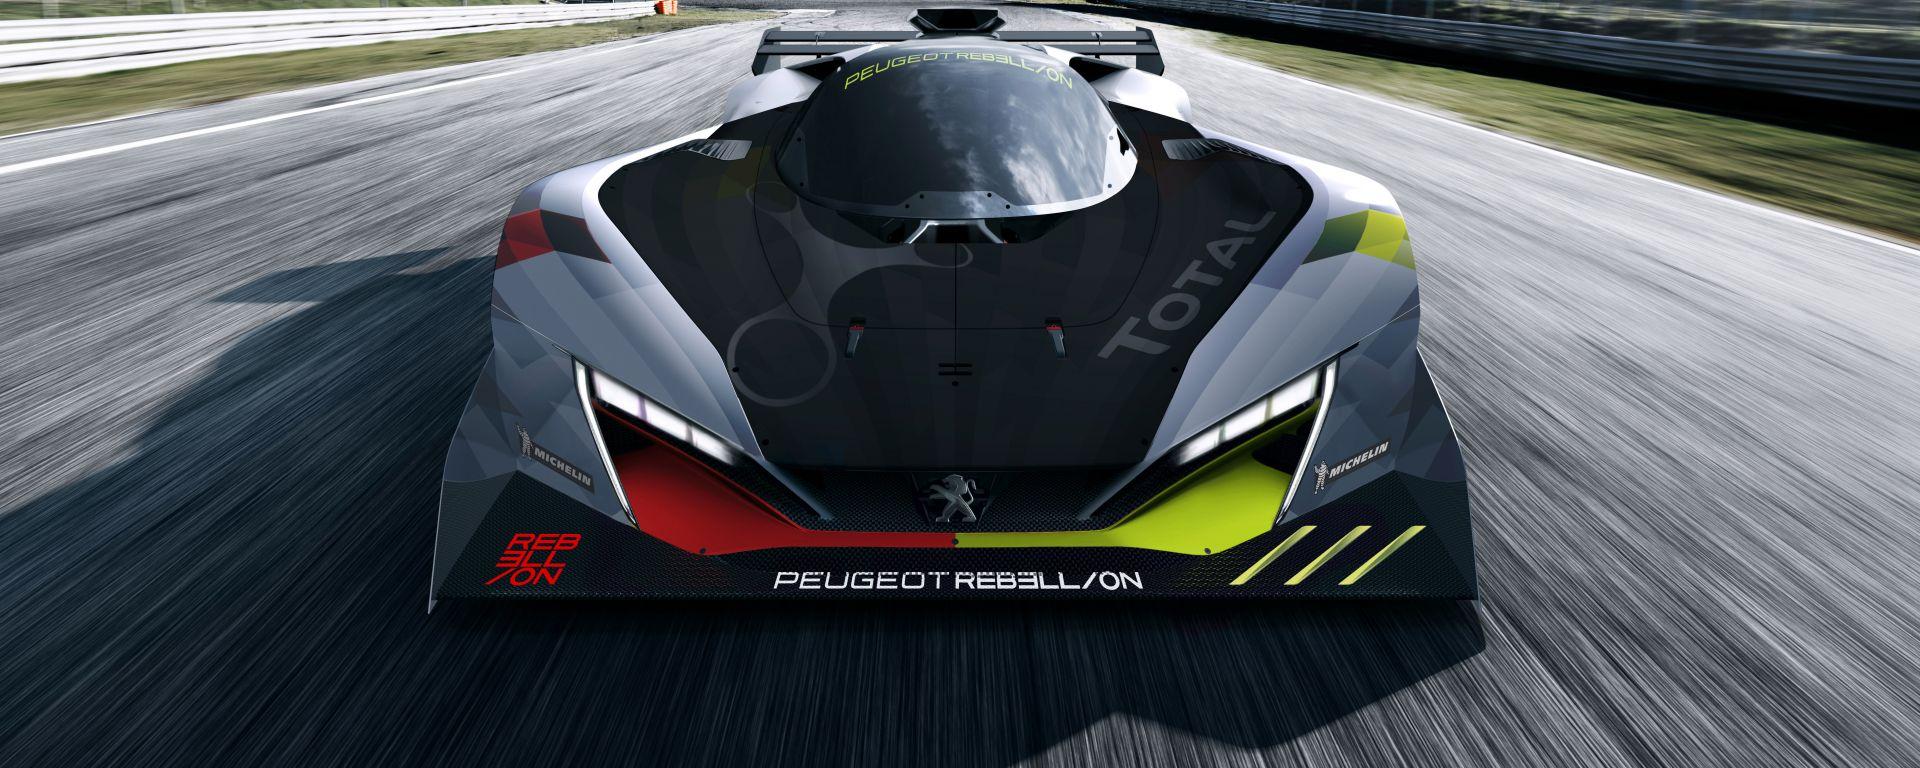 Rendering dell'hypercar Peugeot